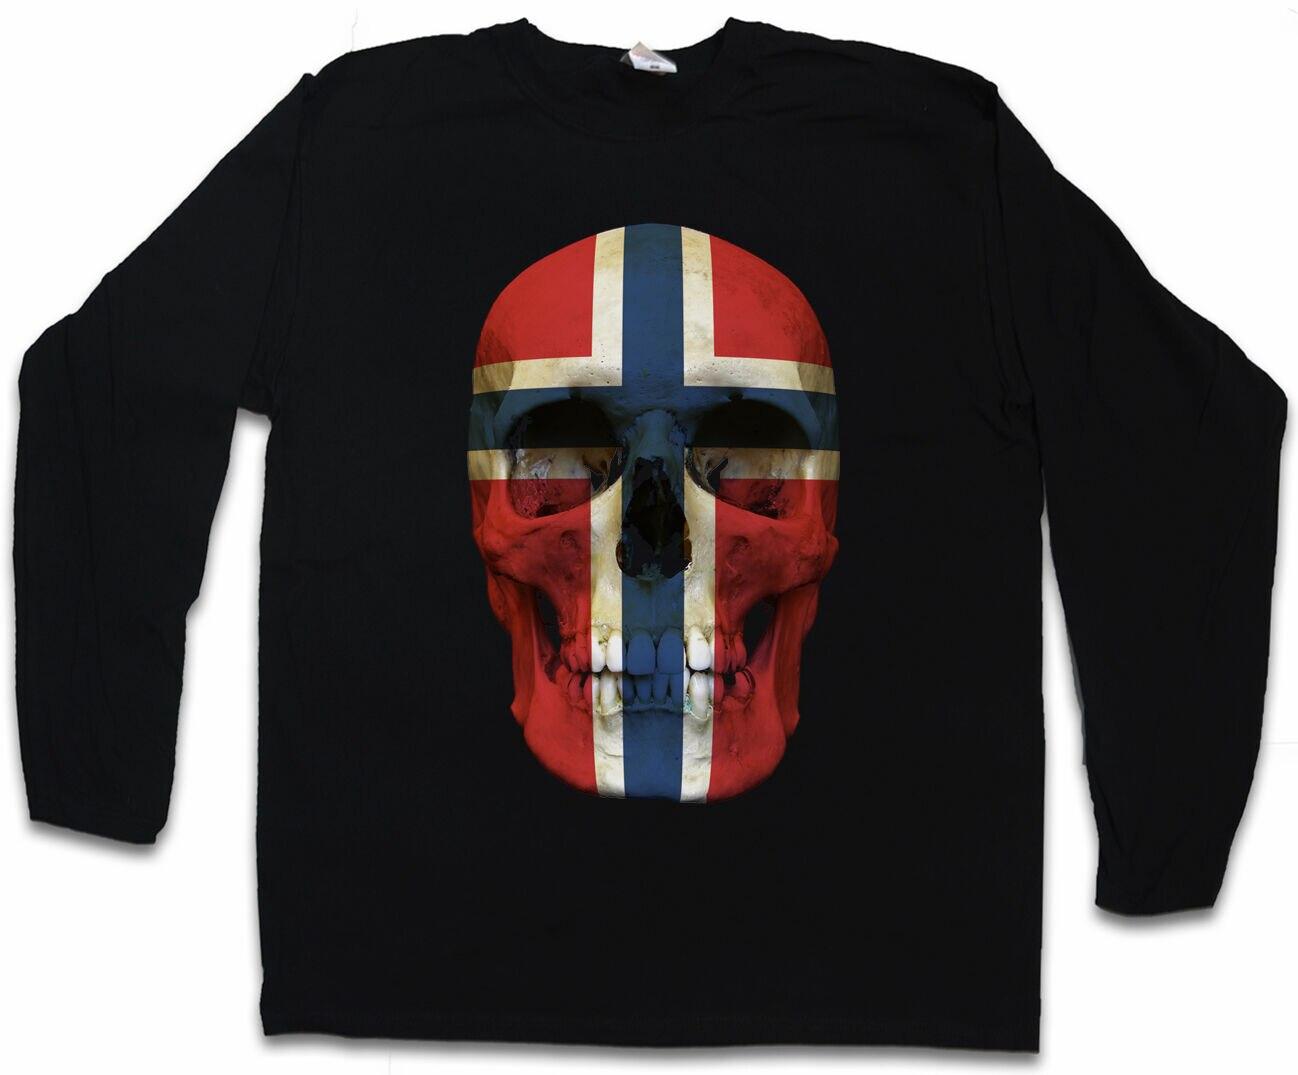 Фото - CLASSIC NORWAY SKULL FLAG LONG SLEEVE Men T-SHIRT Norwegen widar aspeli schneesturm norwegen krimi